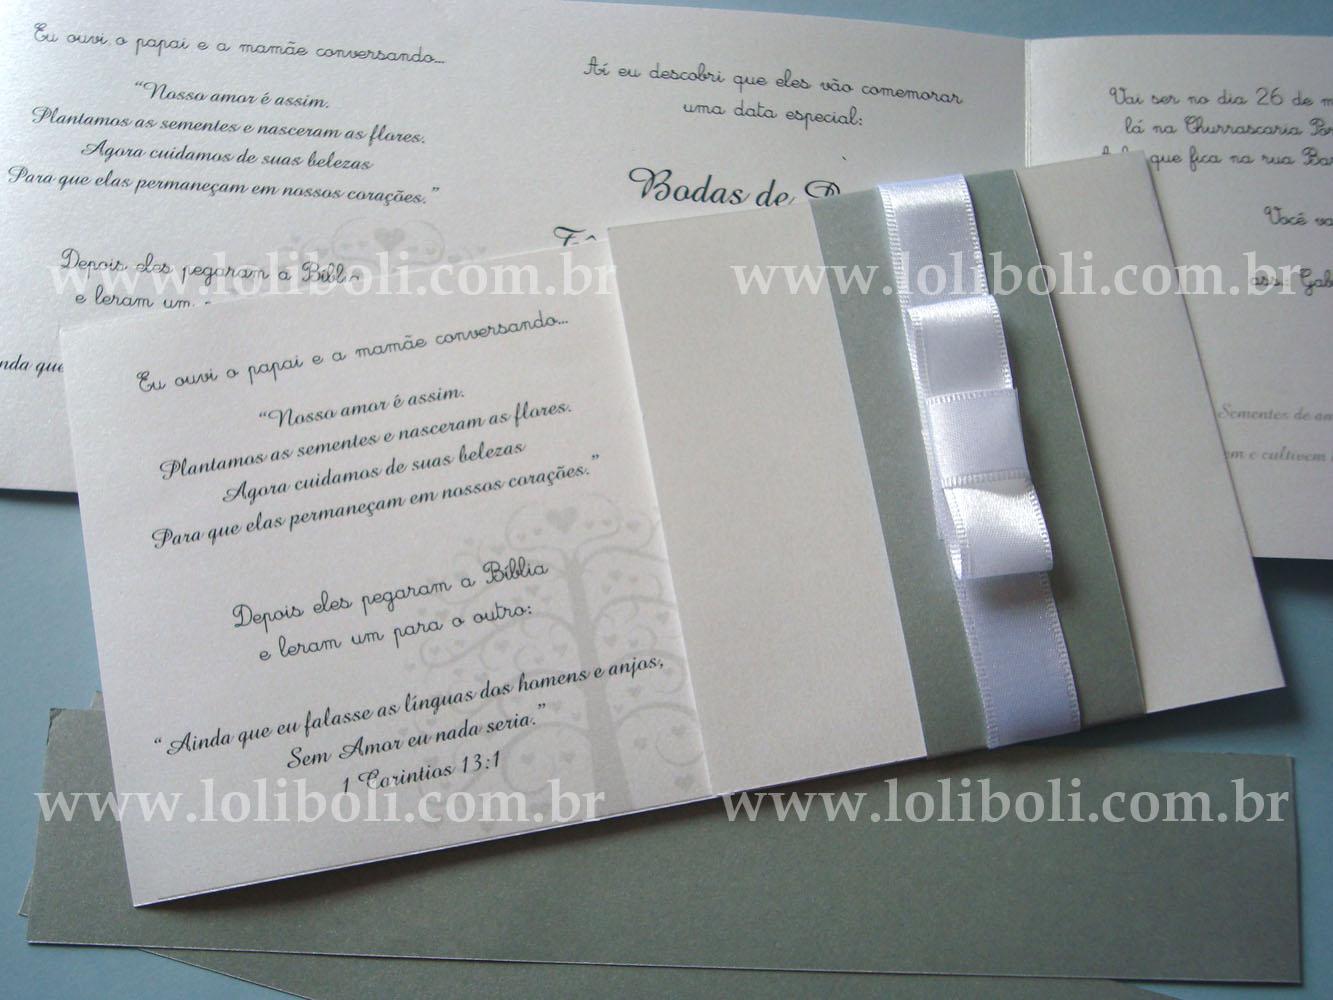 Loliboli Personalizados Convite De Bodas De Prata Tania E Reinaldo